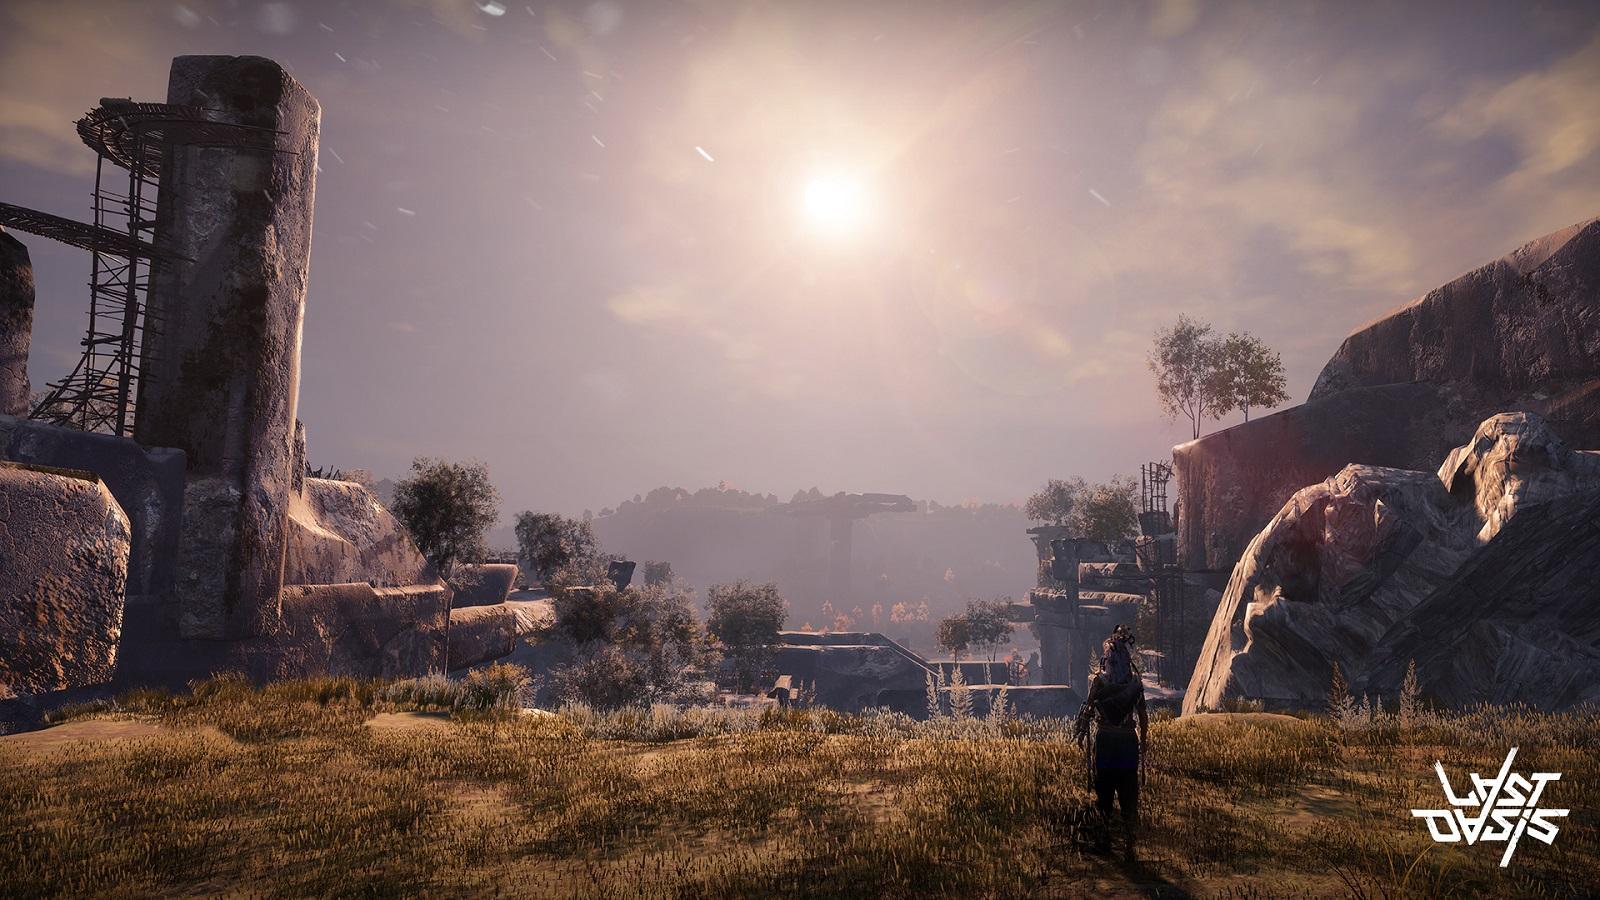 Онлайновый симулятор выживания Last Oasis выйдет на консолях Xbox в начале 2021 года